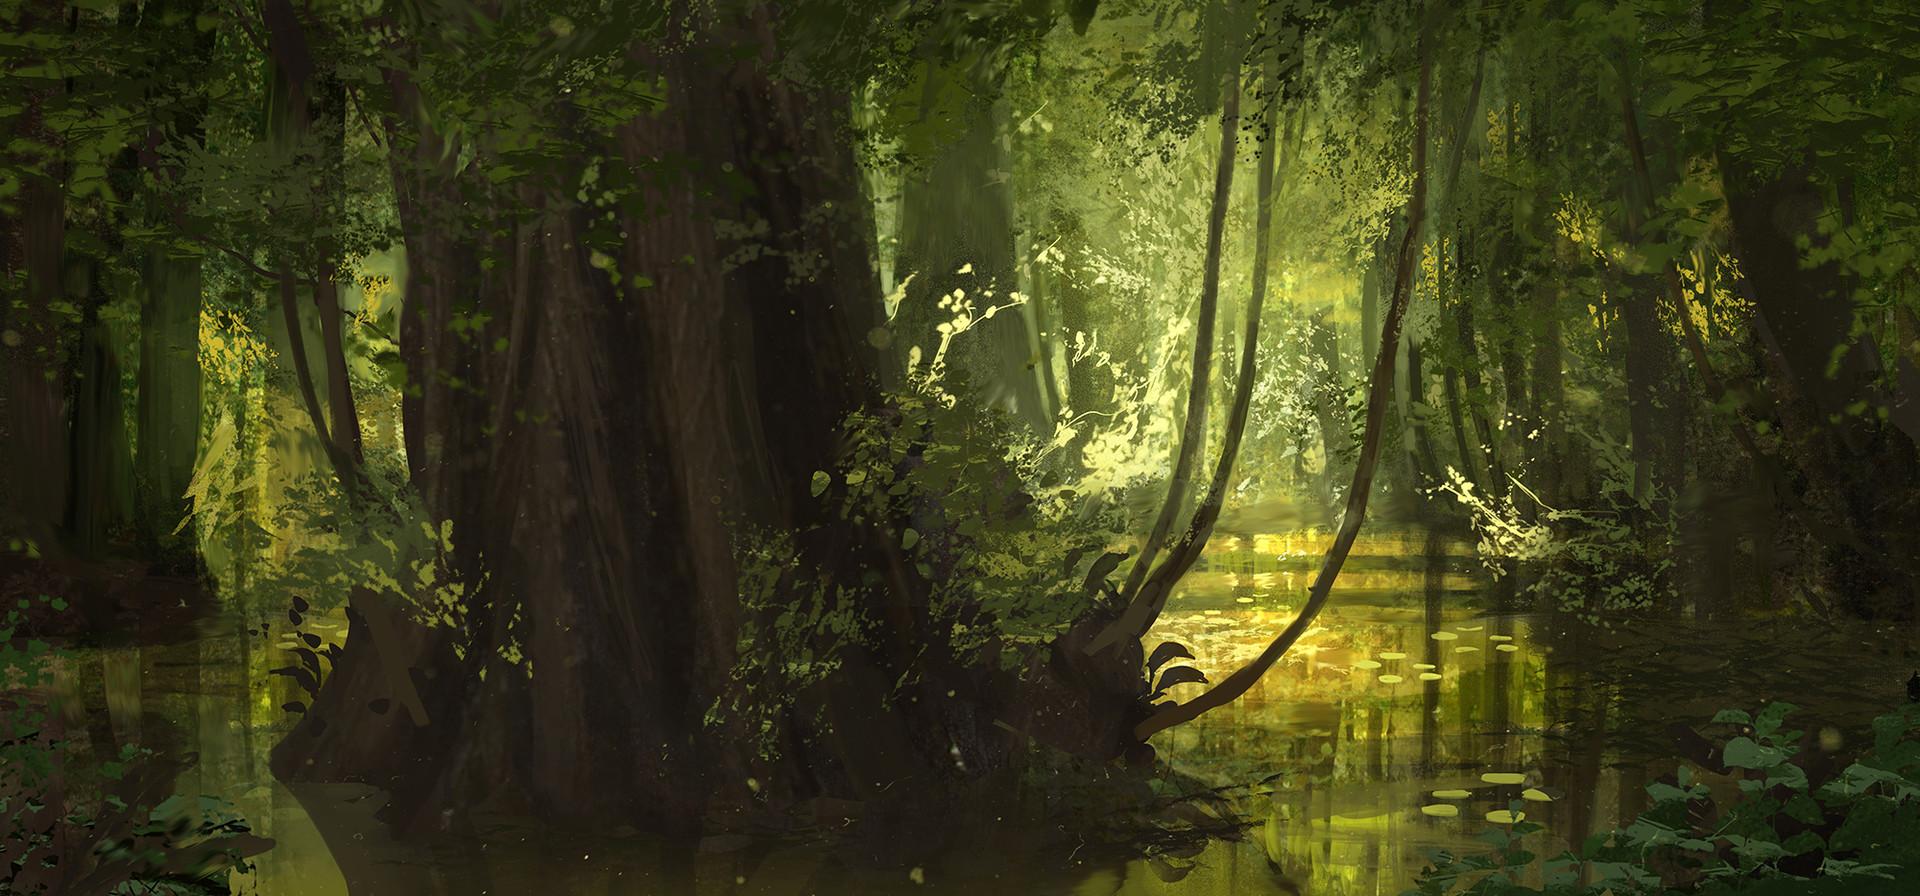 Bram sels jungle sketch bram sels